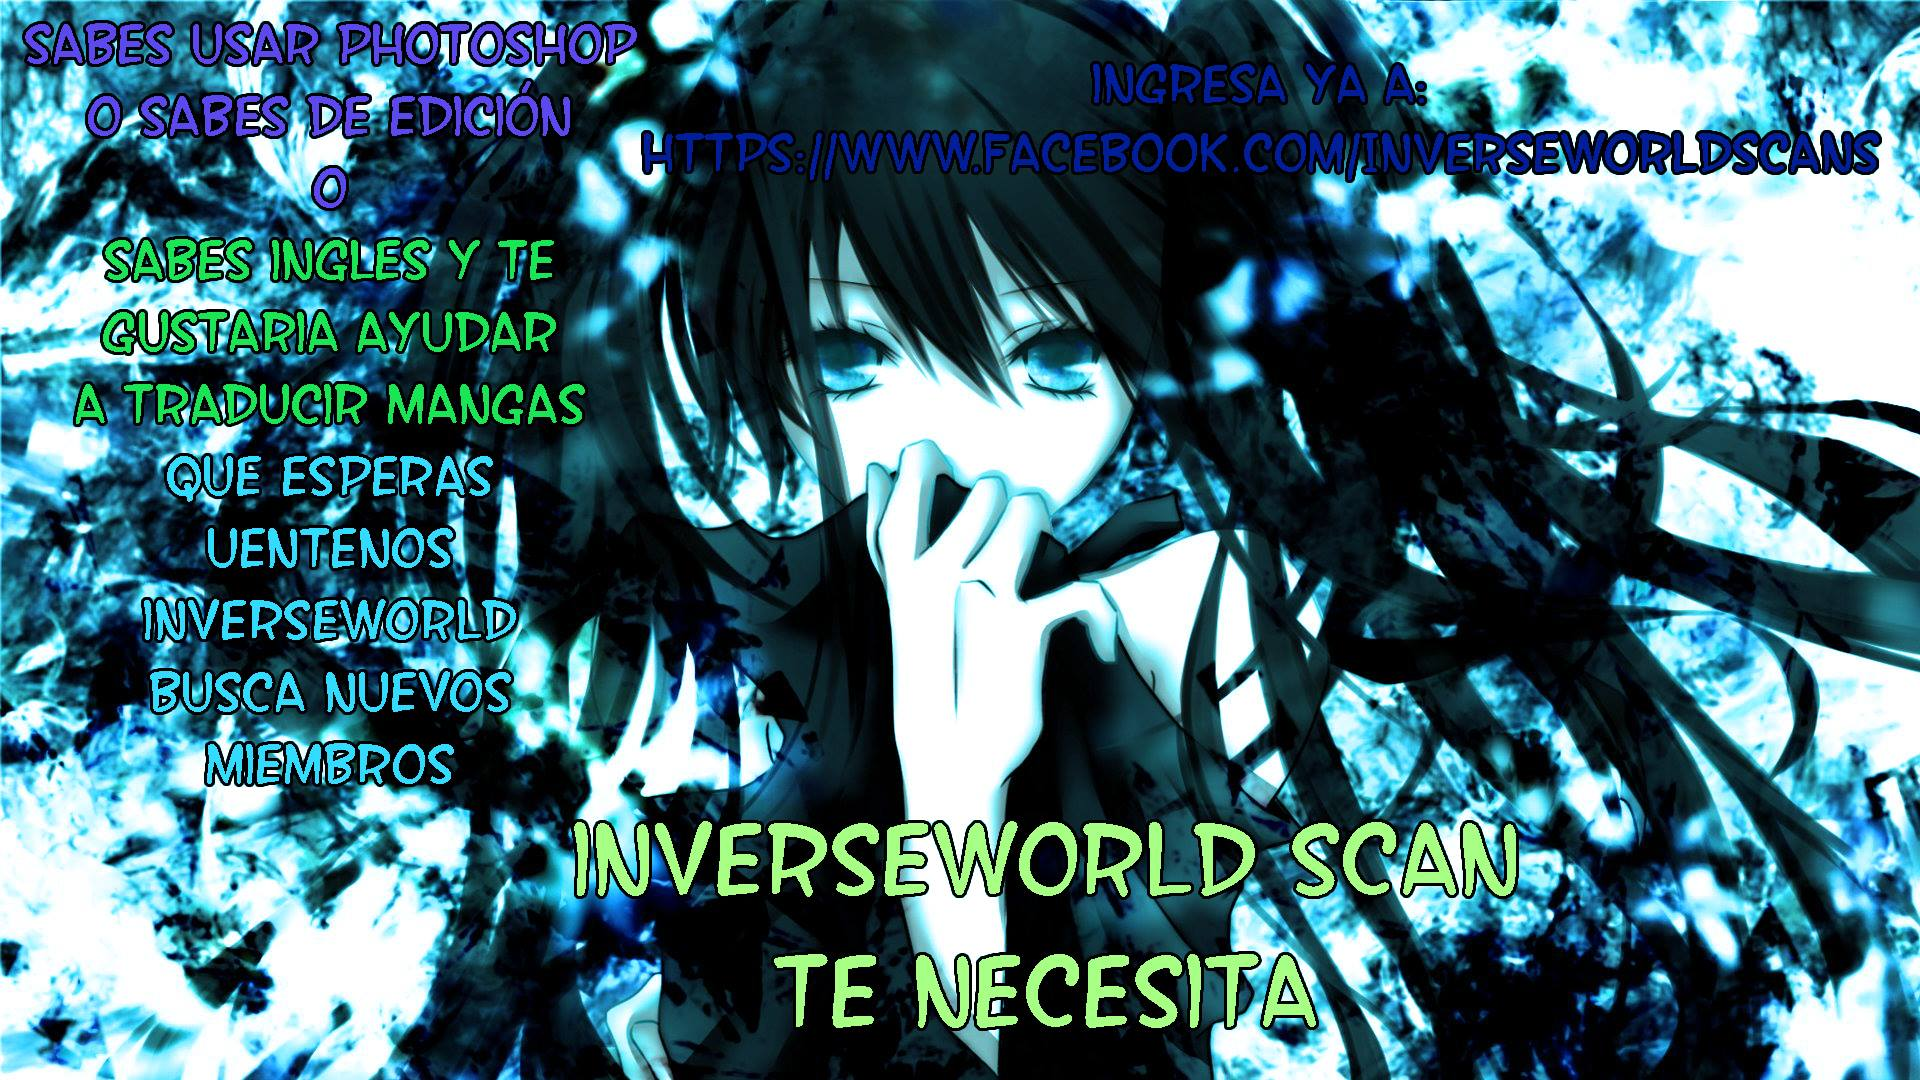 https://c5.mangatag.com/es_manga/18/16210/391514/7ebc686287f7afcdb4a2af8644b852b2.jpg Page 2